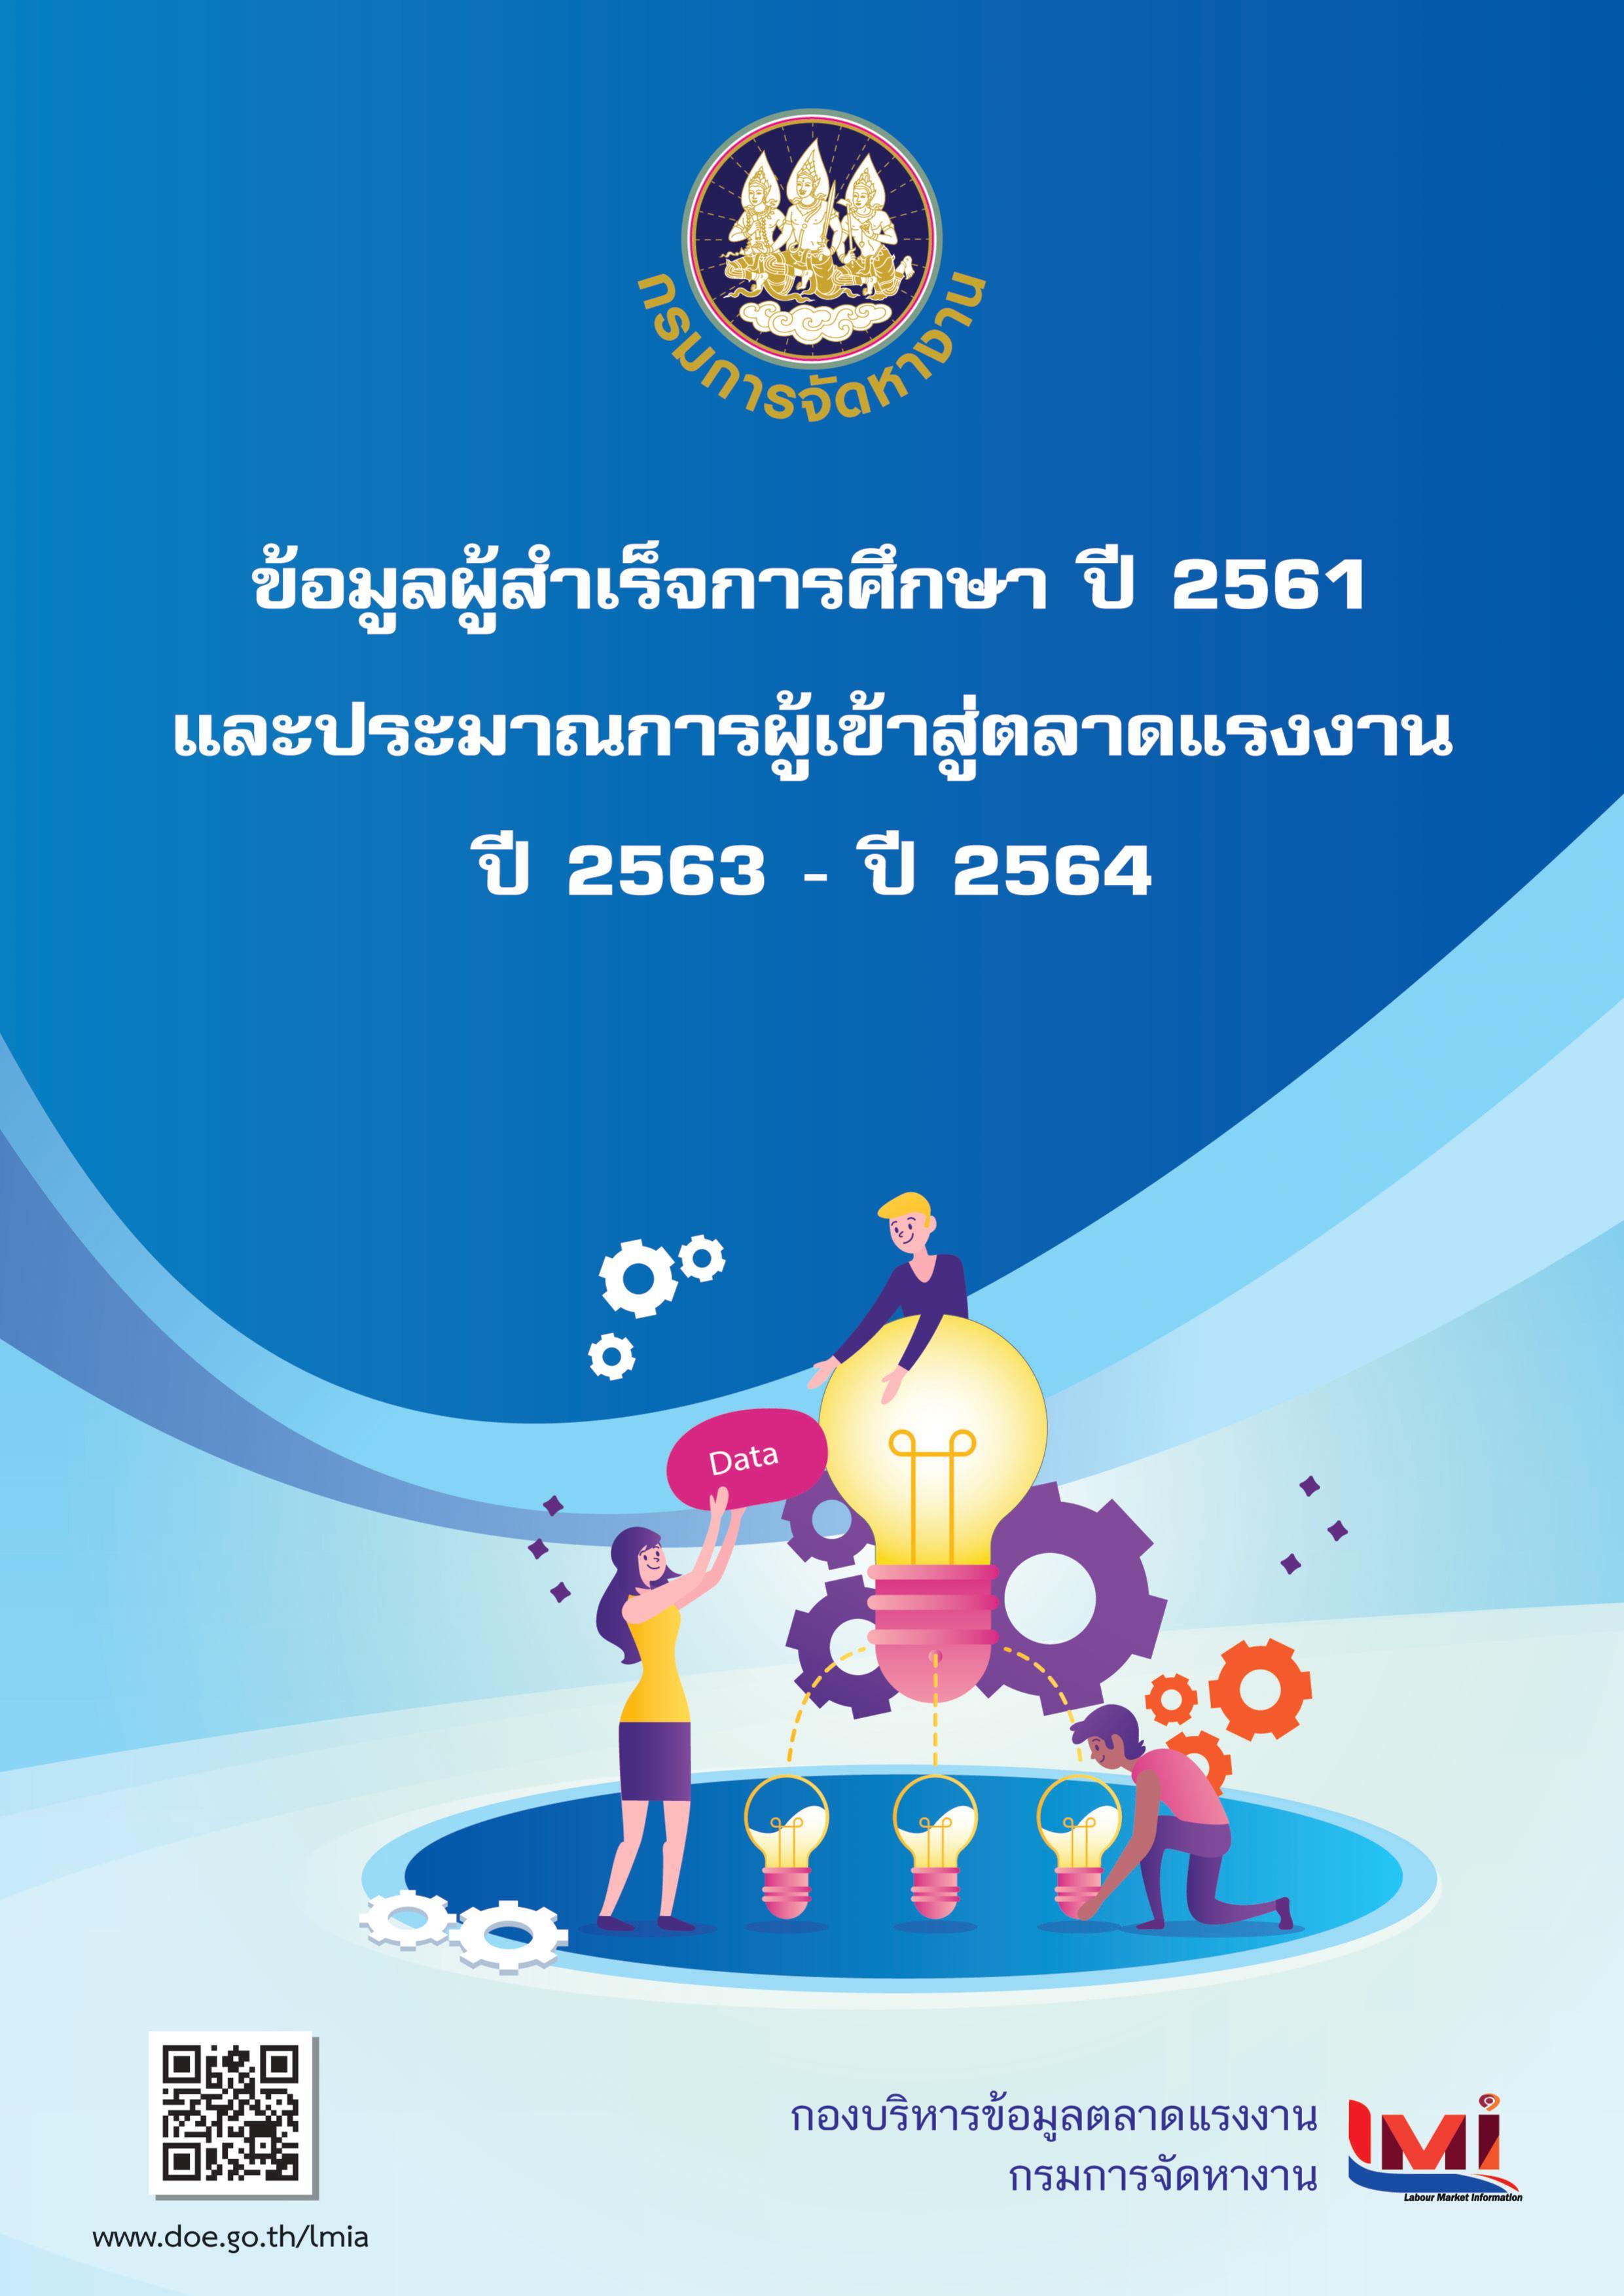 ข้อมูลผู้สำเร็จการศึกษา ปี 2561  และประมาณการผู้เข้าสู่ตลาดแรงงาน ปี 2563 - 2564